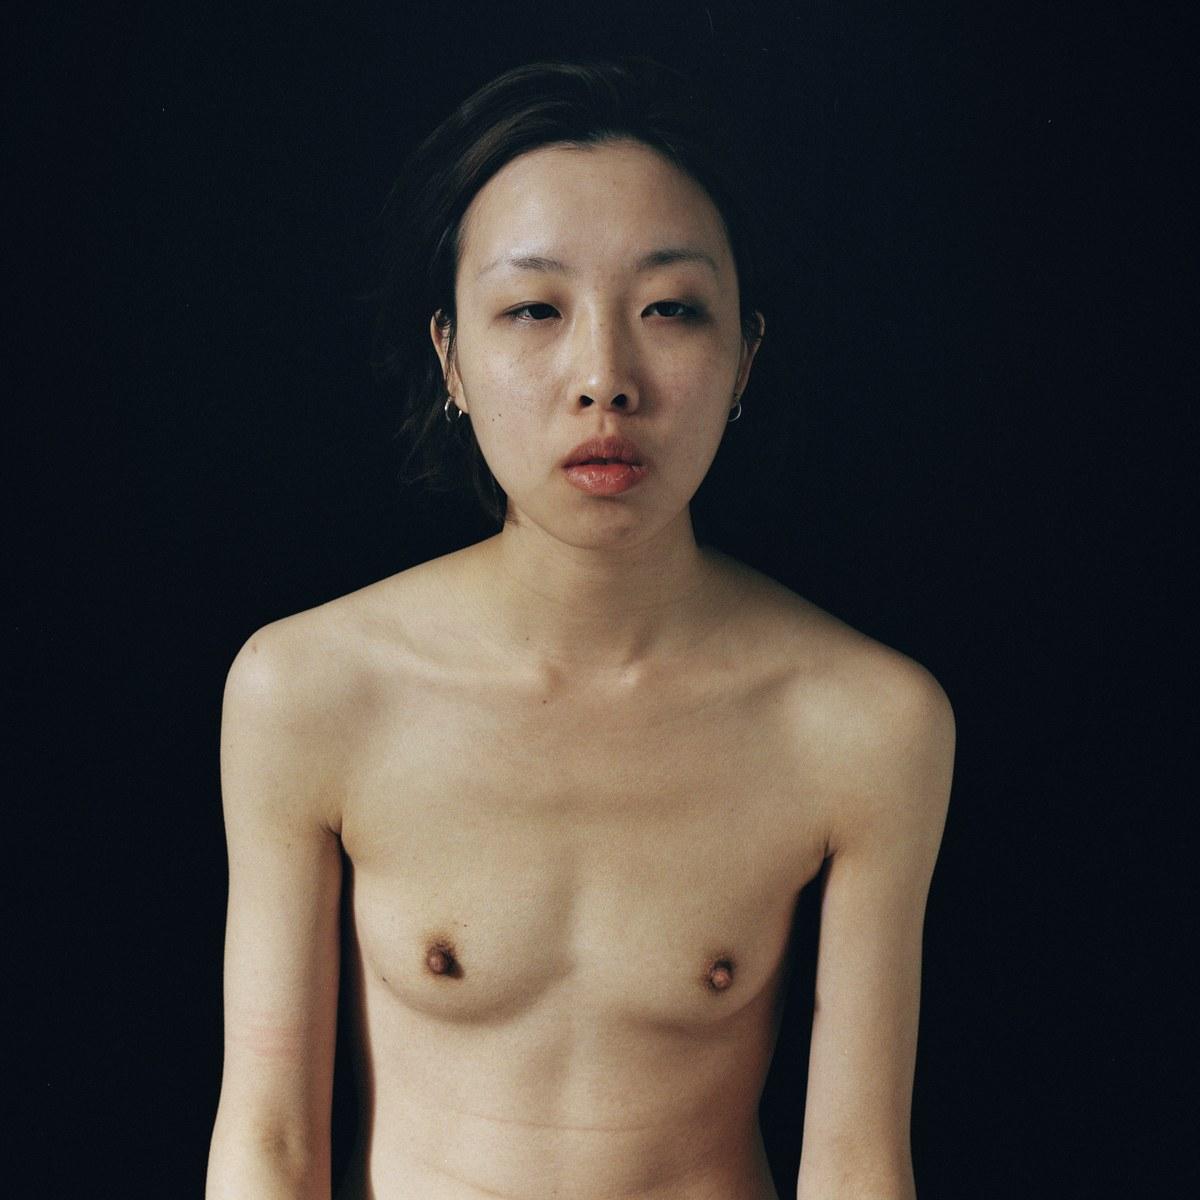 """""""Terms & Conditions"""": La exhibición fotográfica que desafía la censura en redes sociales con #FreeTheNipple"""